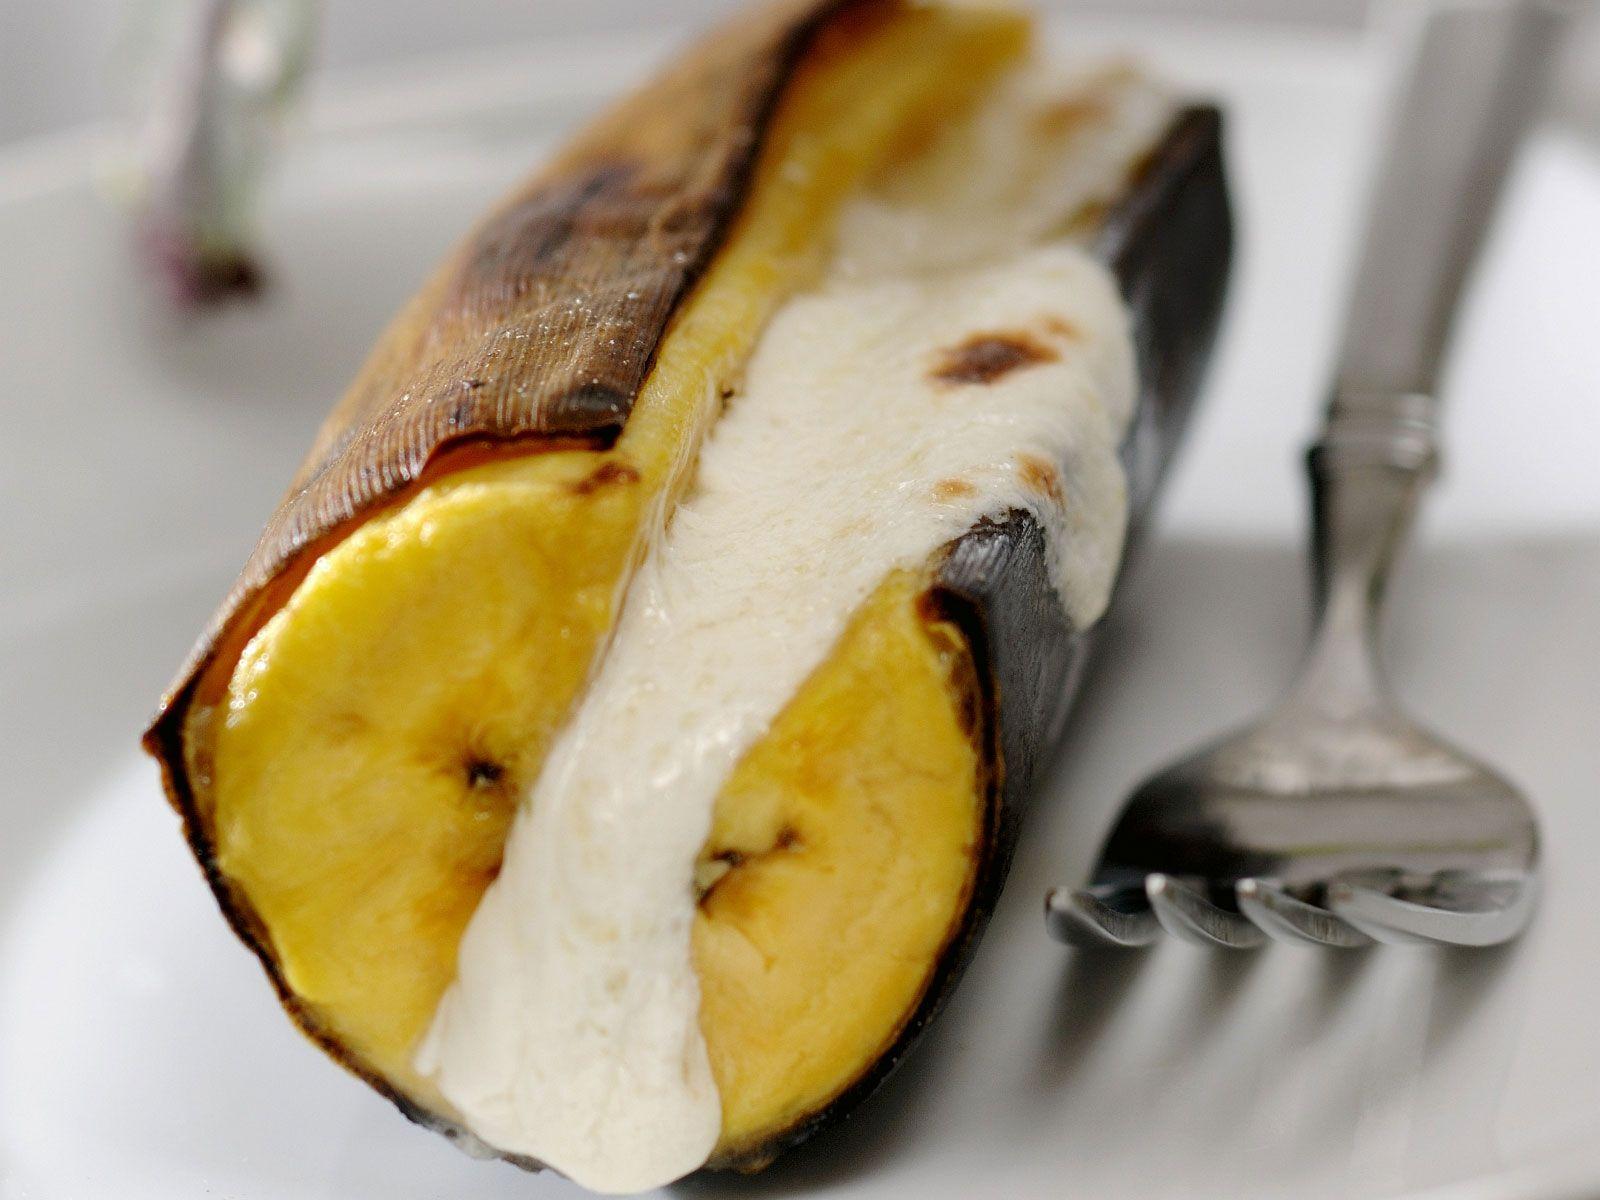 gebackene banane mit frischk se gef llt rezept. Black Bedroom Furniture Sets. Home Design Ideas